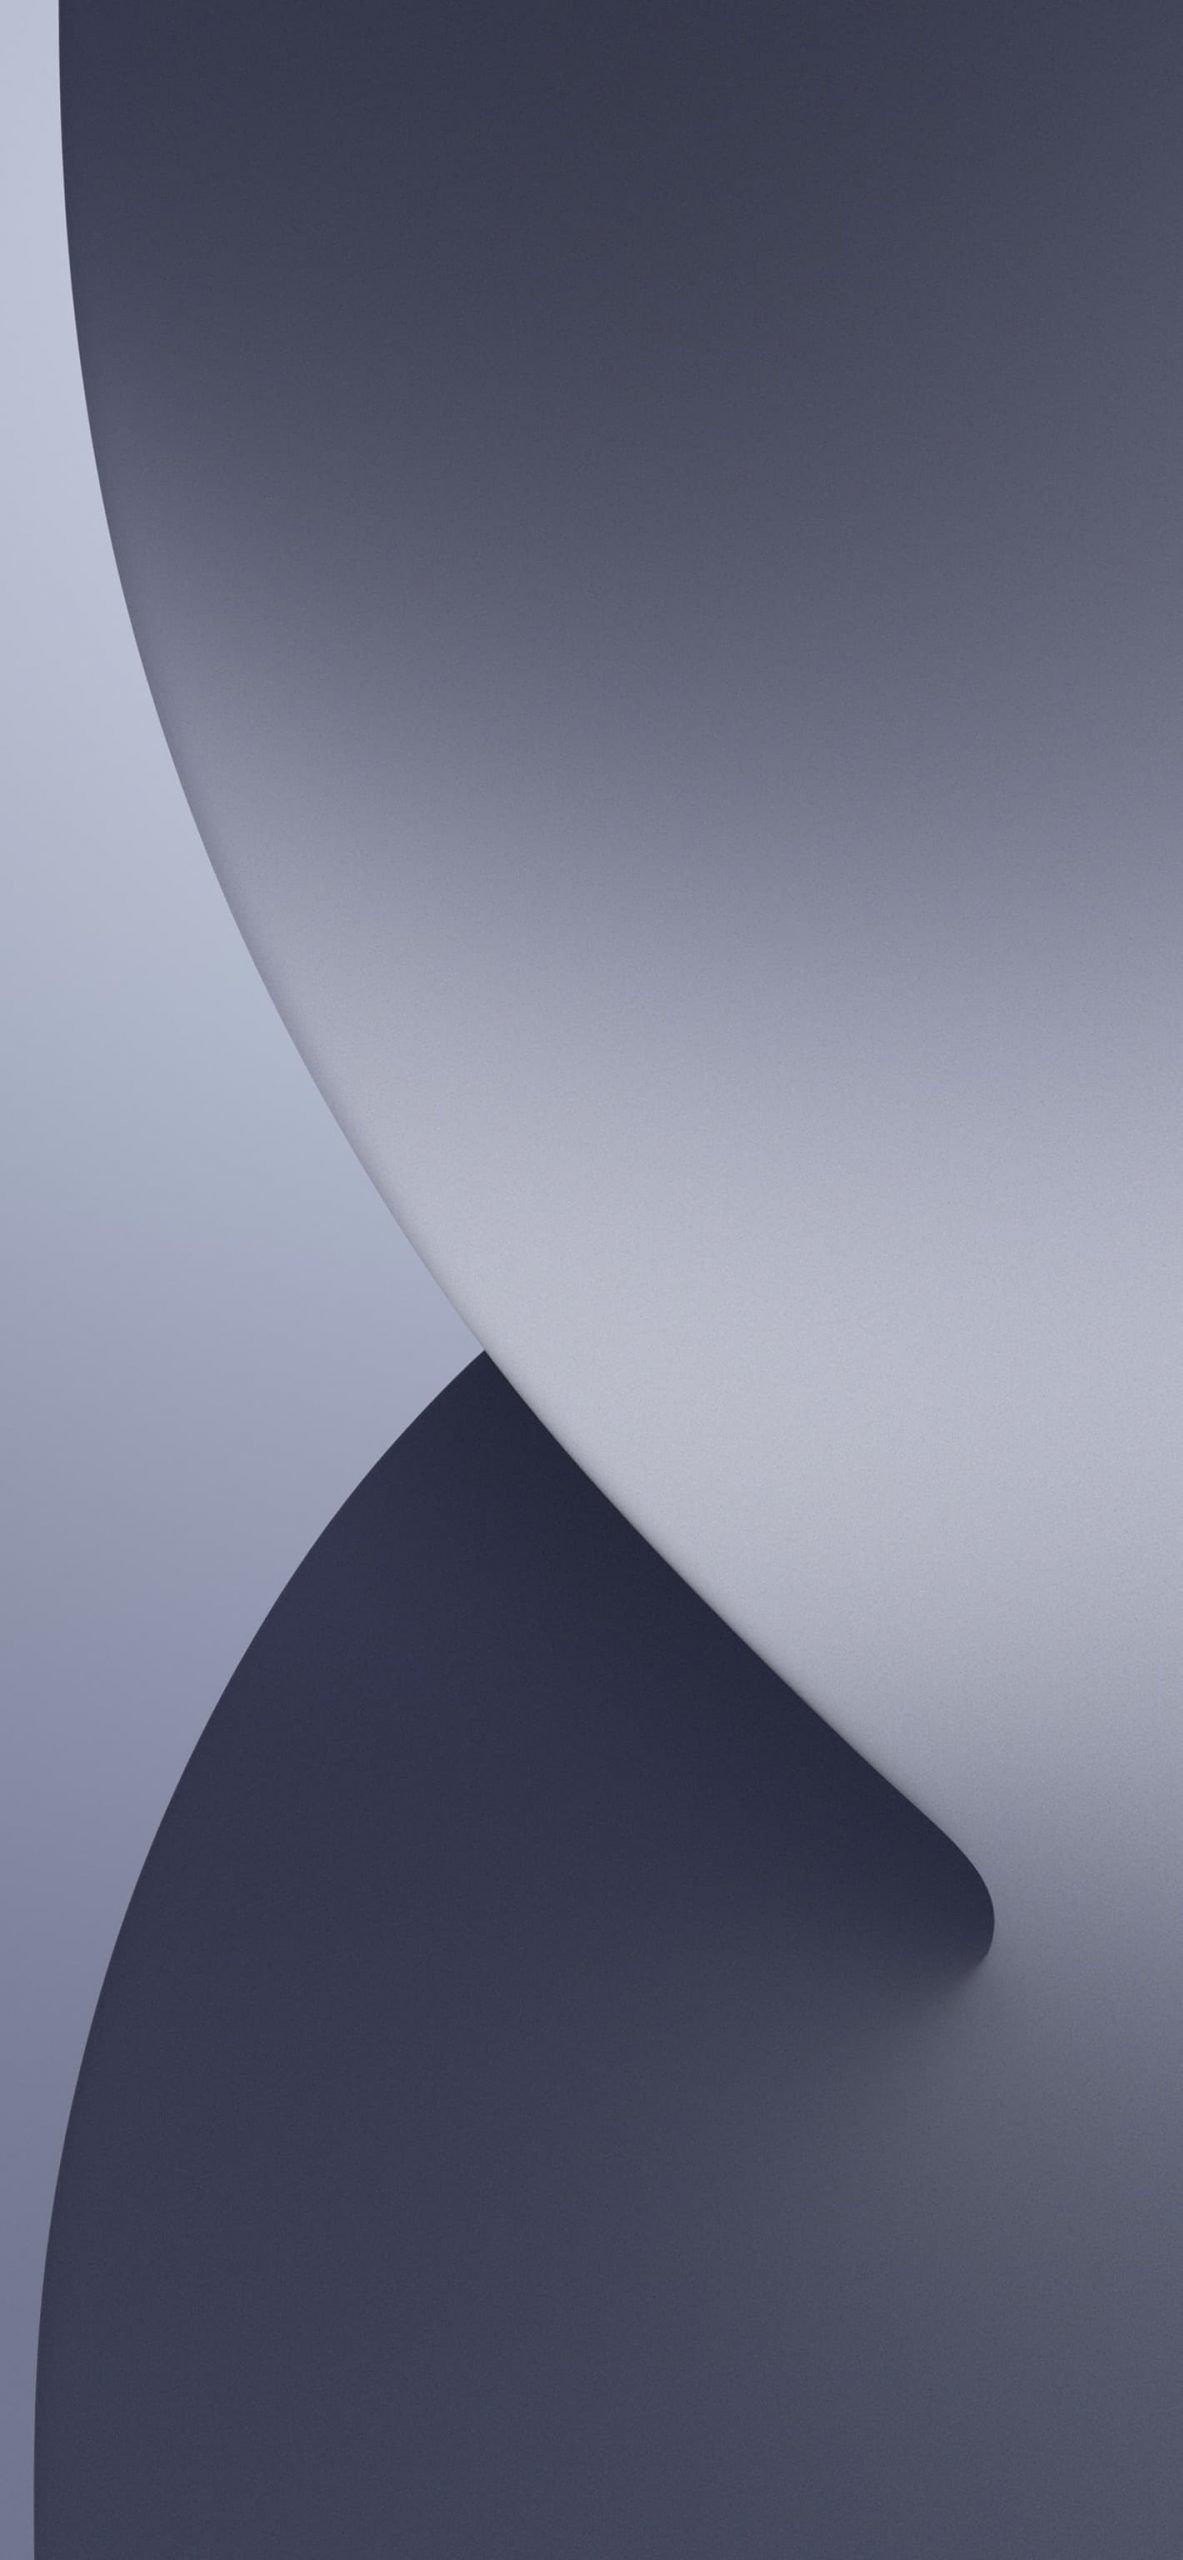 iOS 14 Duvar Kağıtları